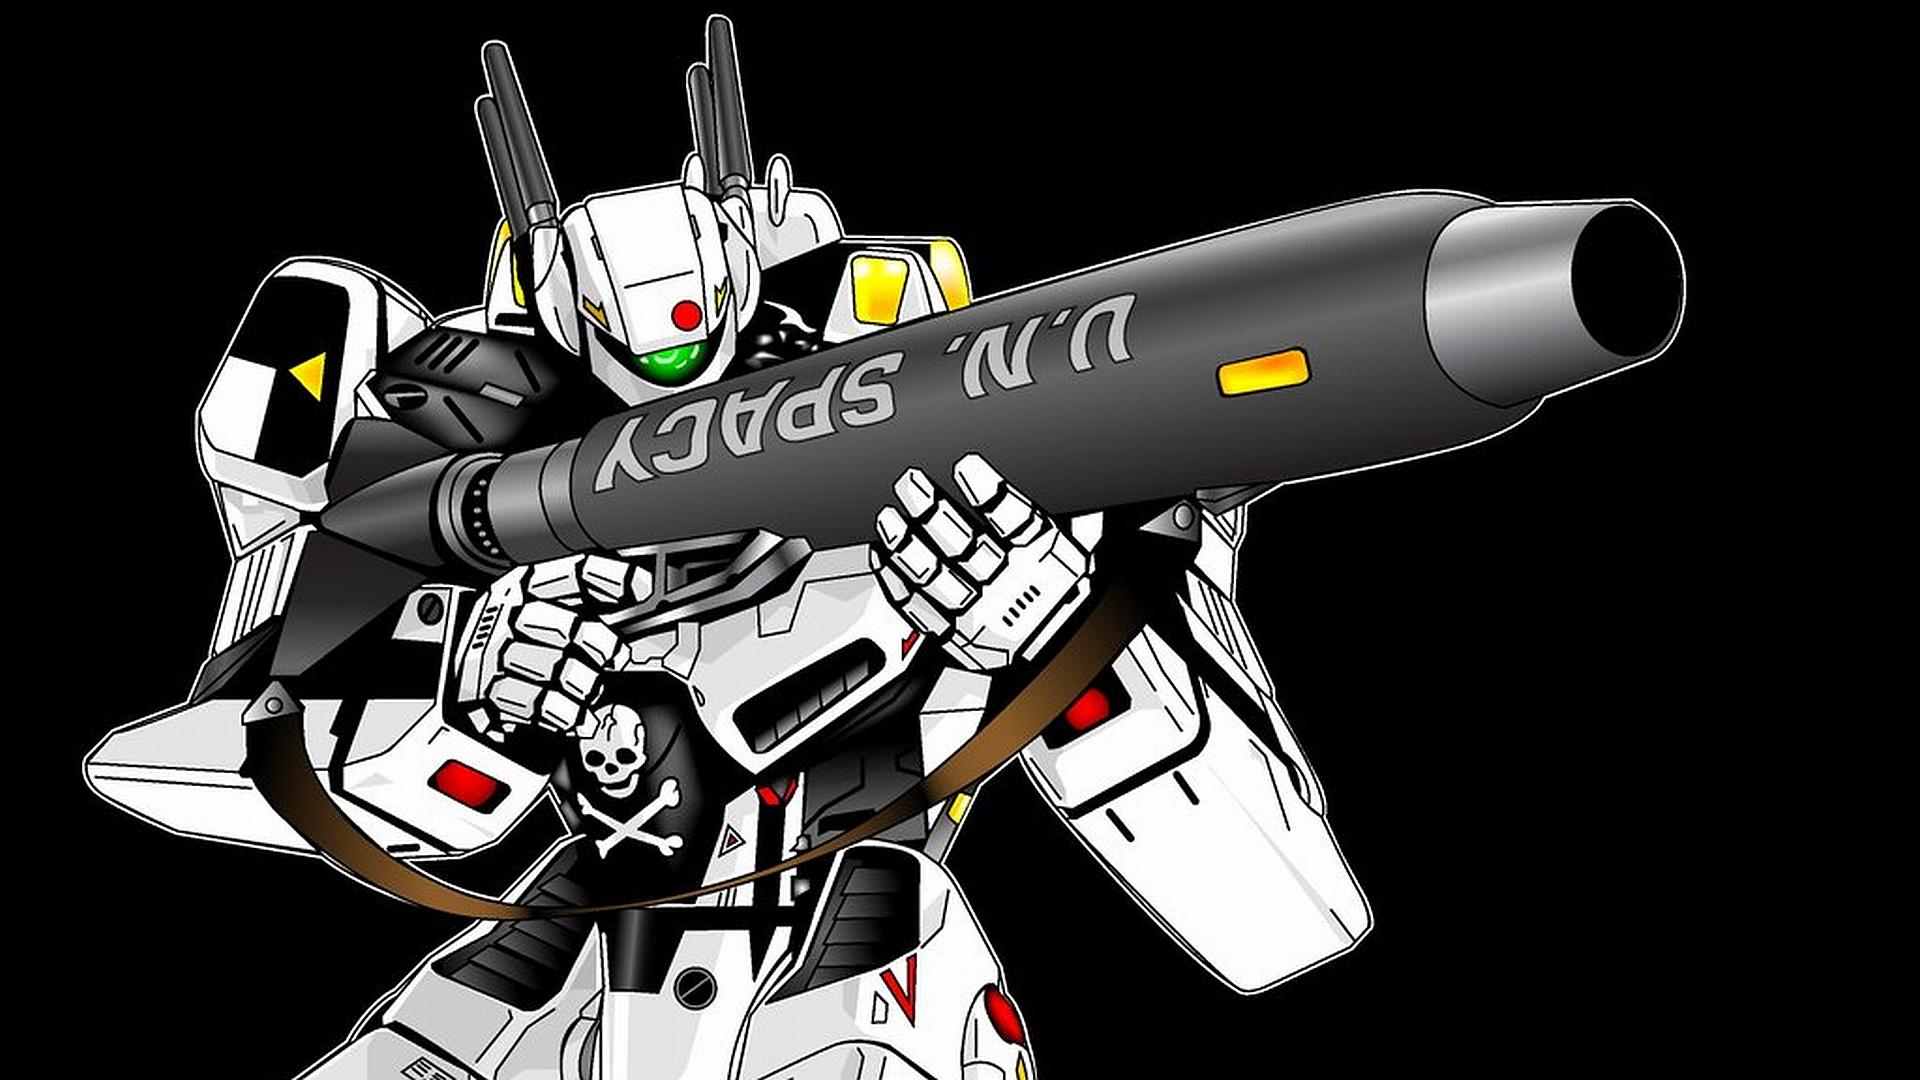 Robotech hd wallpaper wallpapersafari - Wallpapers robotech 3d ...